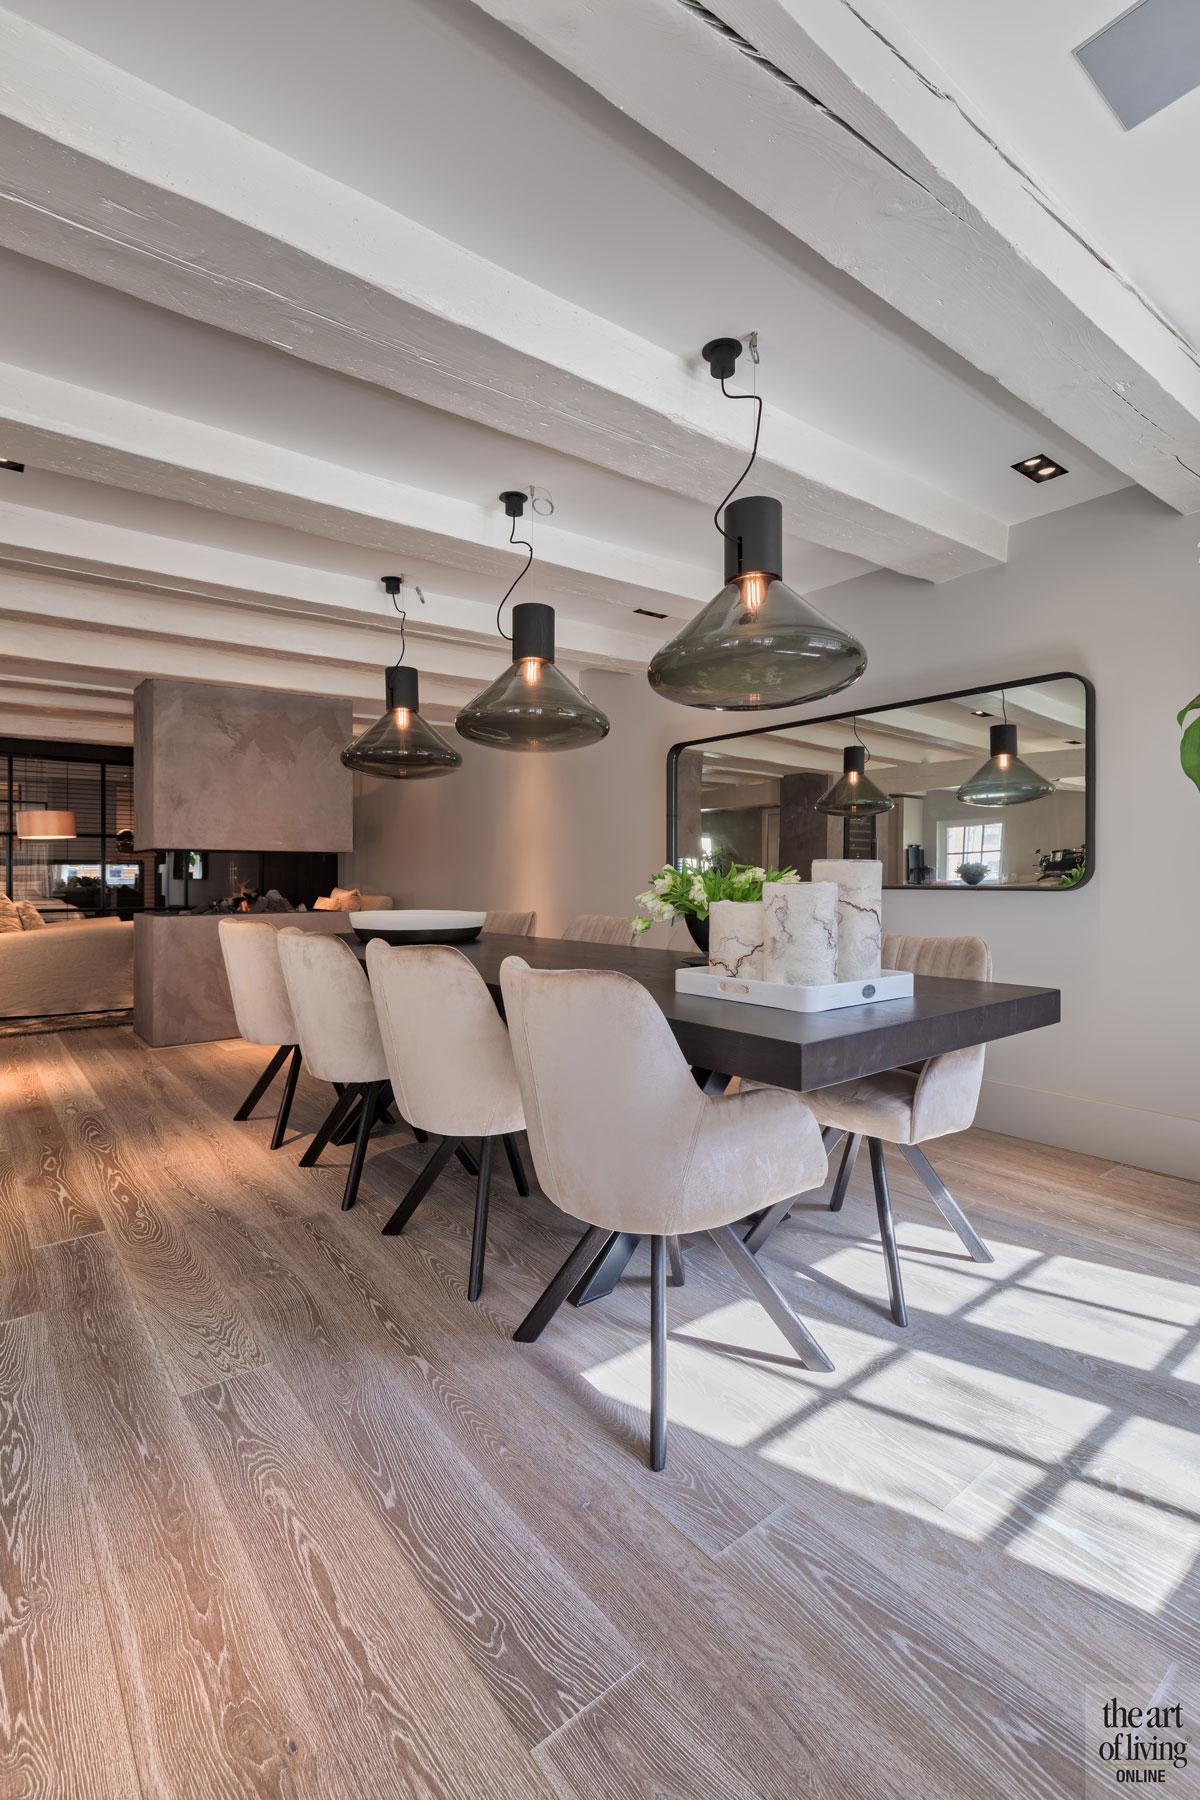 Eetkamer, eettafel, houten vloer, houten balken, verlichting, Maretti Lighting, Marcel Wolterinck, sfeervolle loft, studio vendrig